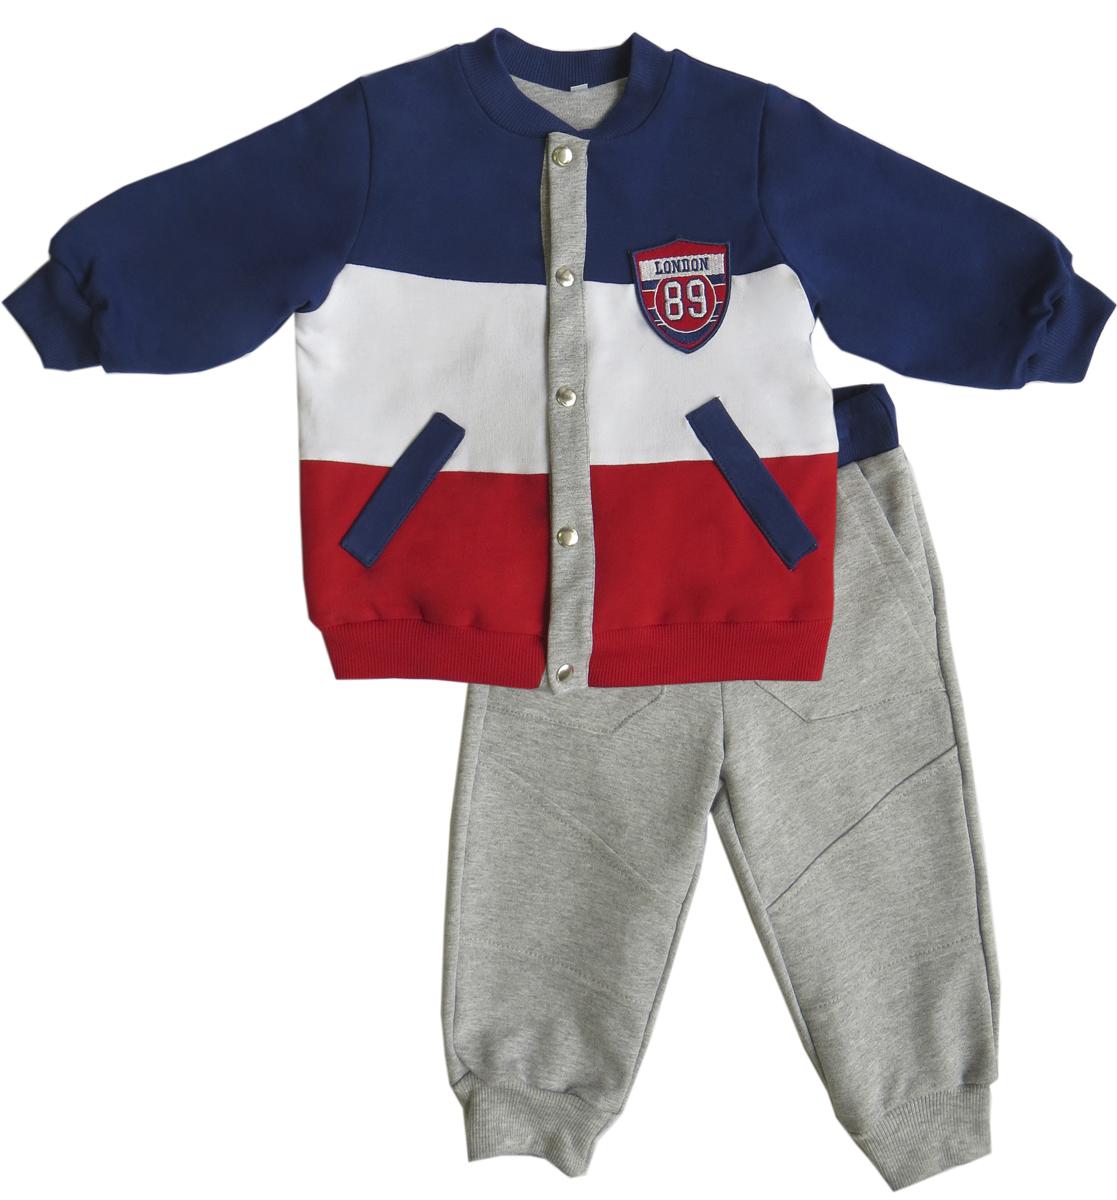 Спортивный костюм для мальчика Soni Kids Спортивная Академия, цвет: синий, серый. З6121006. Размер 98З6121006Стильный спортивный костюм для мальчика от Soni Kids, состоящий из толстовки и брюк, идеально подойдет вашему ребенку и станет отличным дополнением к его гардеробу. Изготовленный из натурального хлопка, он очень мягкий и приятный на ощупь, не сковывает движения и позволяет коже дышать, не раздражает даже самую нежную и чувствительную кожу ребенка, обеспечивая наибольший комфорт. Толстовка с длинными рукавами застегивается спереди на кнопки. По бокам предусмотрены два втачных кармашка. Понизу модель дополнена широкой трикотажной резинкой, а на рукавах имеются манжеты, не стягивающие запястья. Спортивные брюки на широком эластичном на поясе не сдавливают животик ребенка и не сползают. Брюки также дополнены боковыми карманами. Снизу брючин предусмотрены широкие манжеты. Модель оформлена нашивками. В таком костюме ваш ребенок будет чувствовать себя комфортно, уютно и всегда будет в центре внимания.